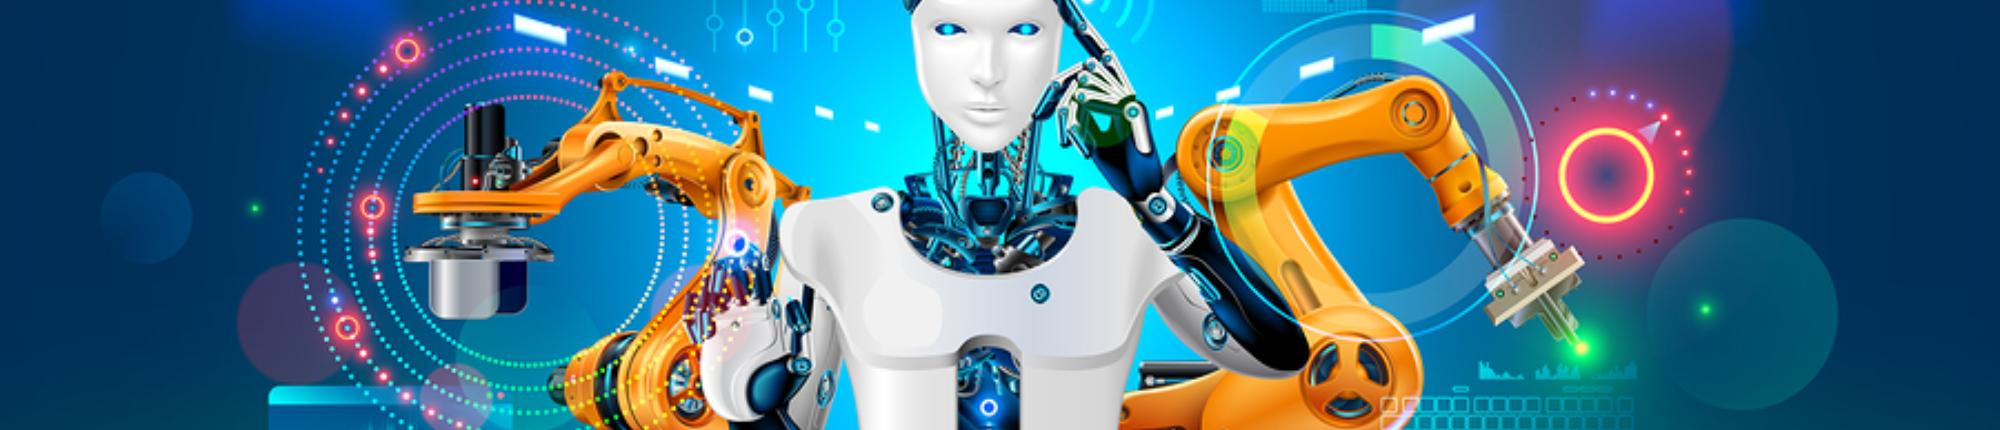 Robotics: proeven aan automatiseren en hoe een Robot werkt